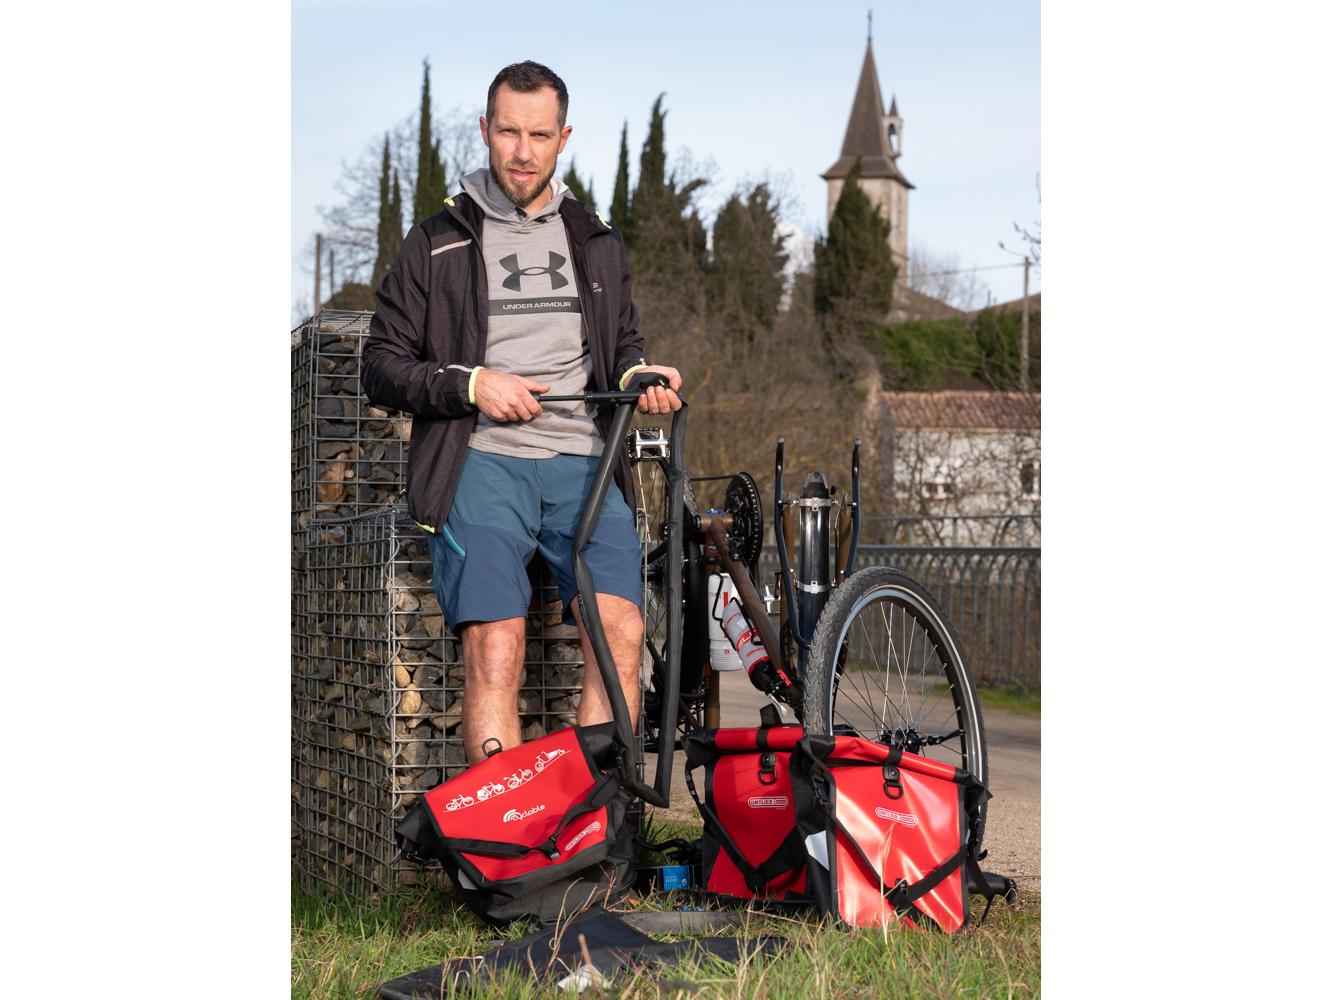 Sébastien, Mécanicien cycles, Poujol sur Orb usagers voie verte Parc naturel Haut-Languedoc région Occitanie